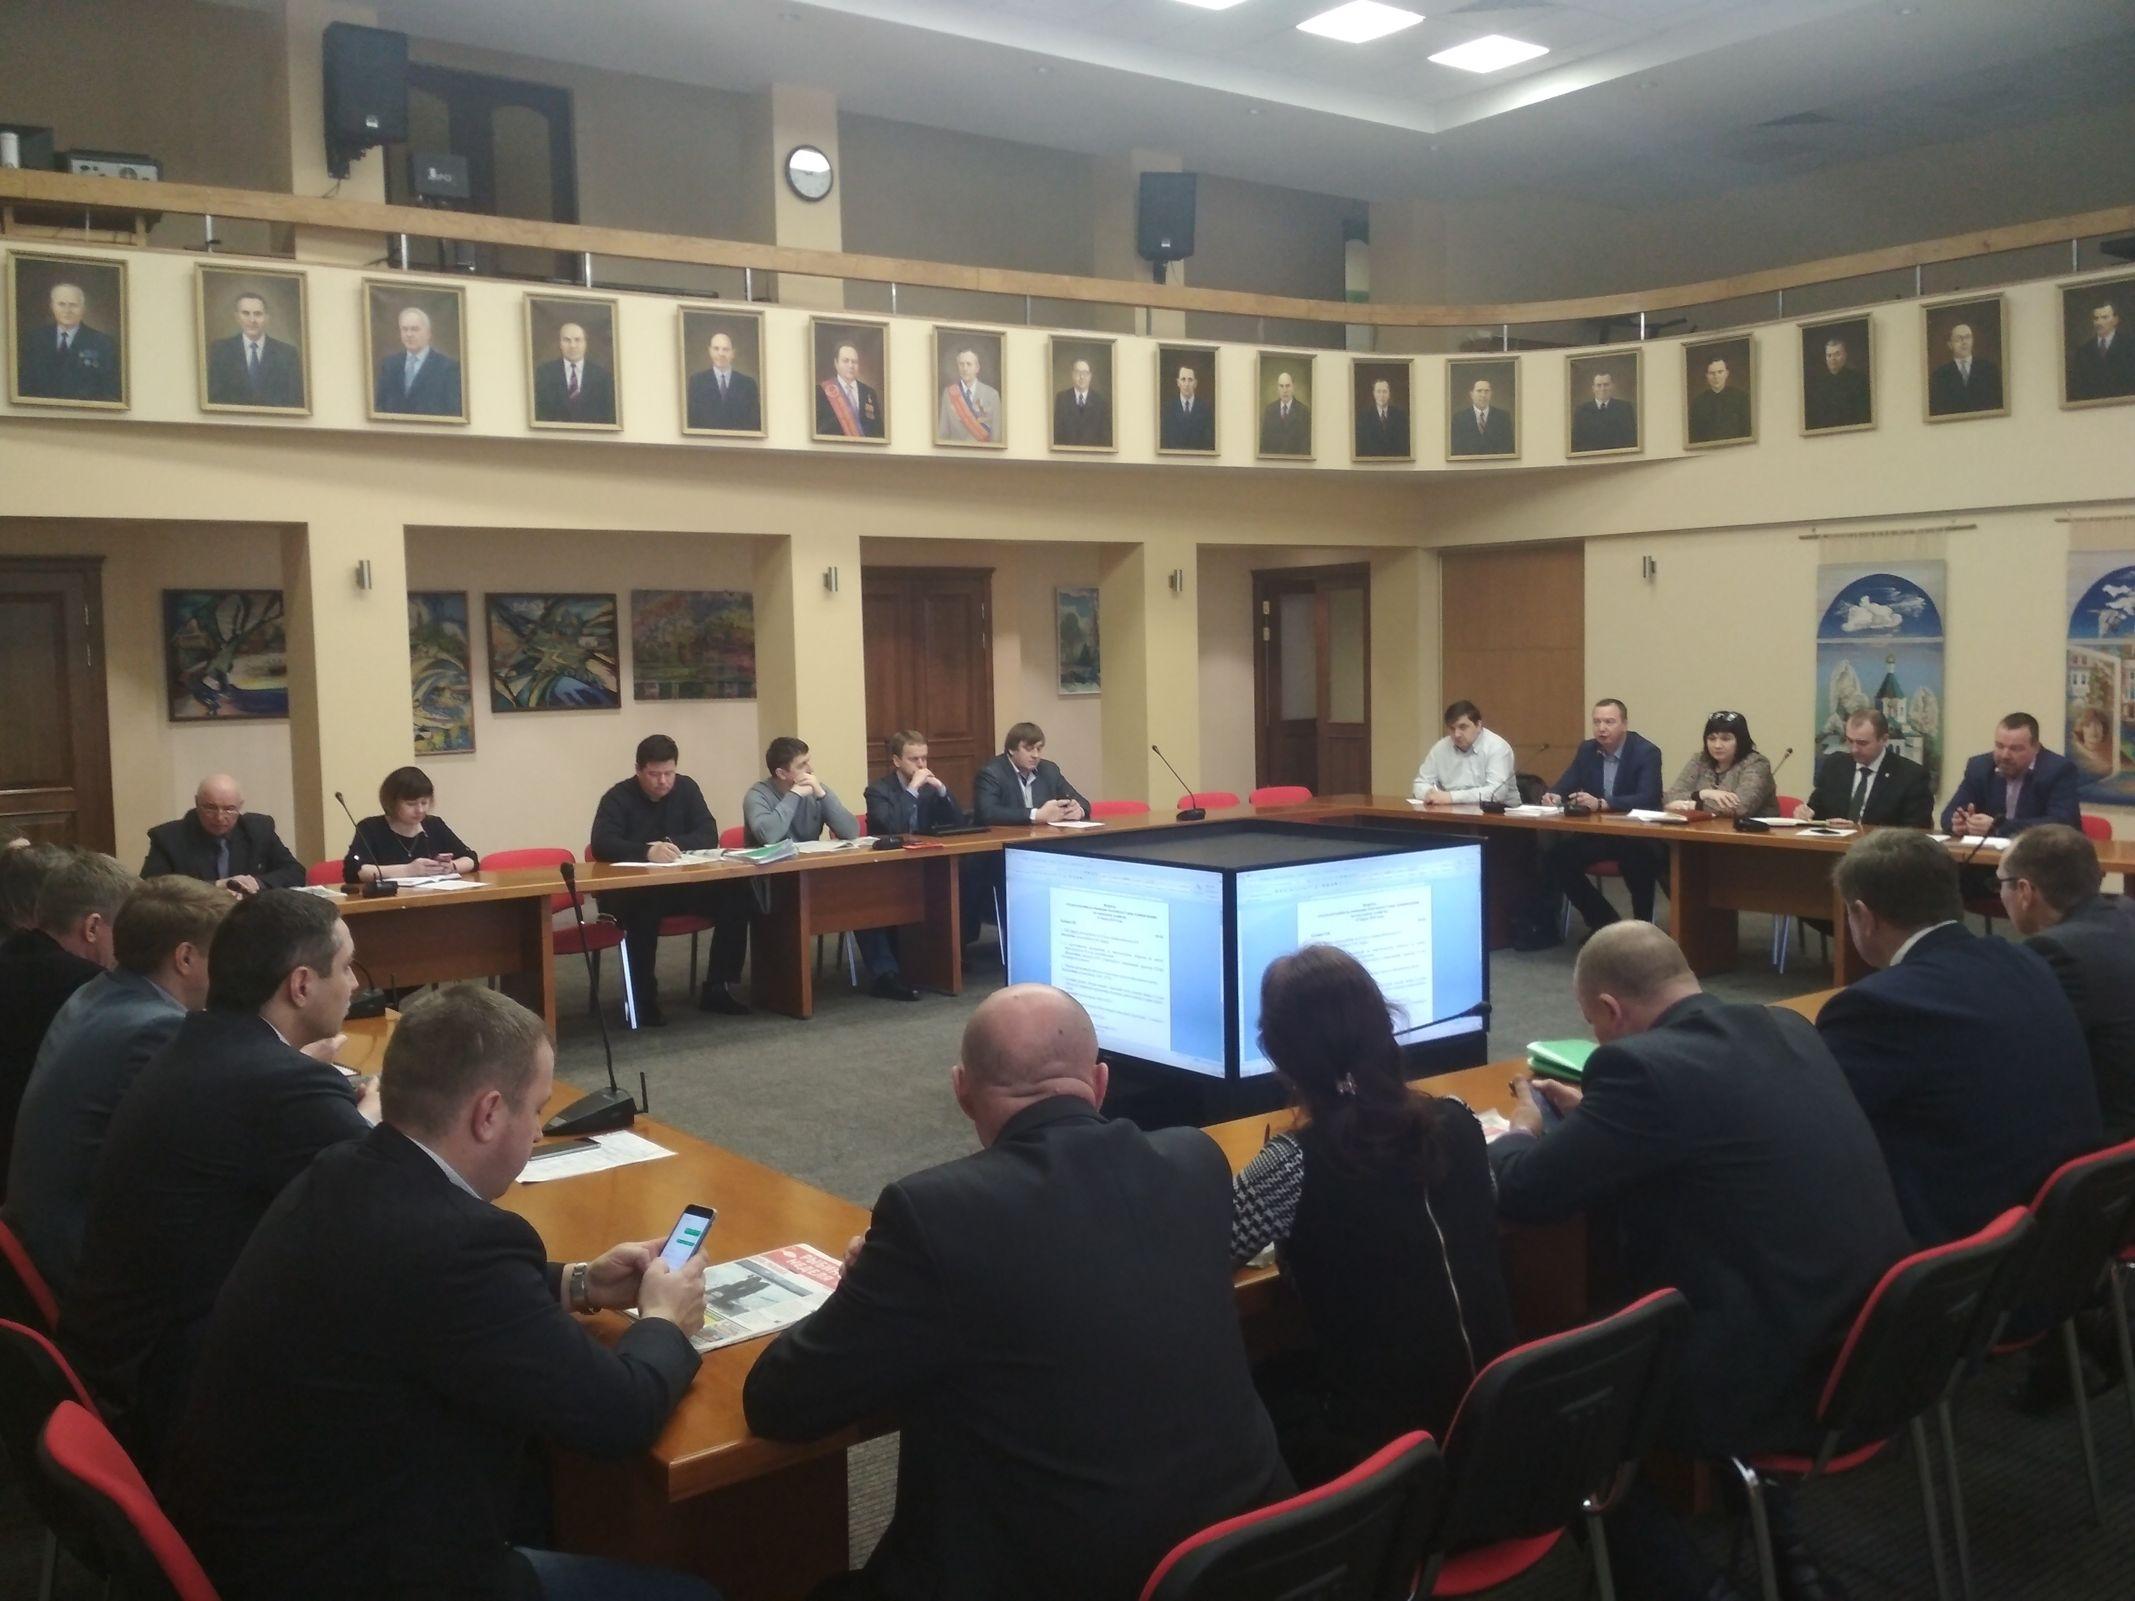 Жители многоквартирных домов Рыбинска смогут оценить преимущества «умных» счетчиков электроэнергии